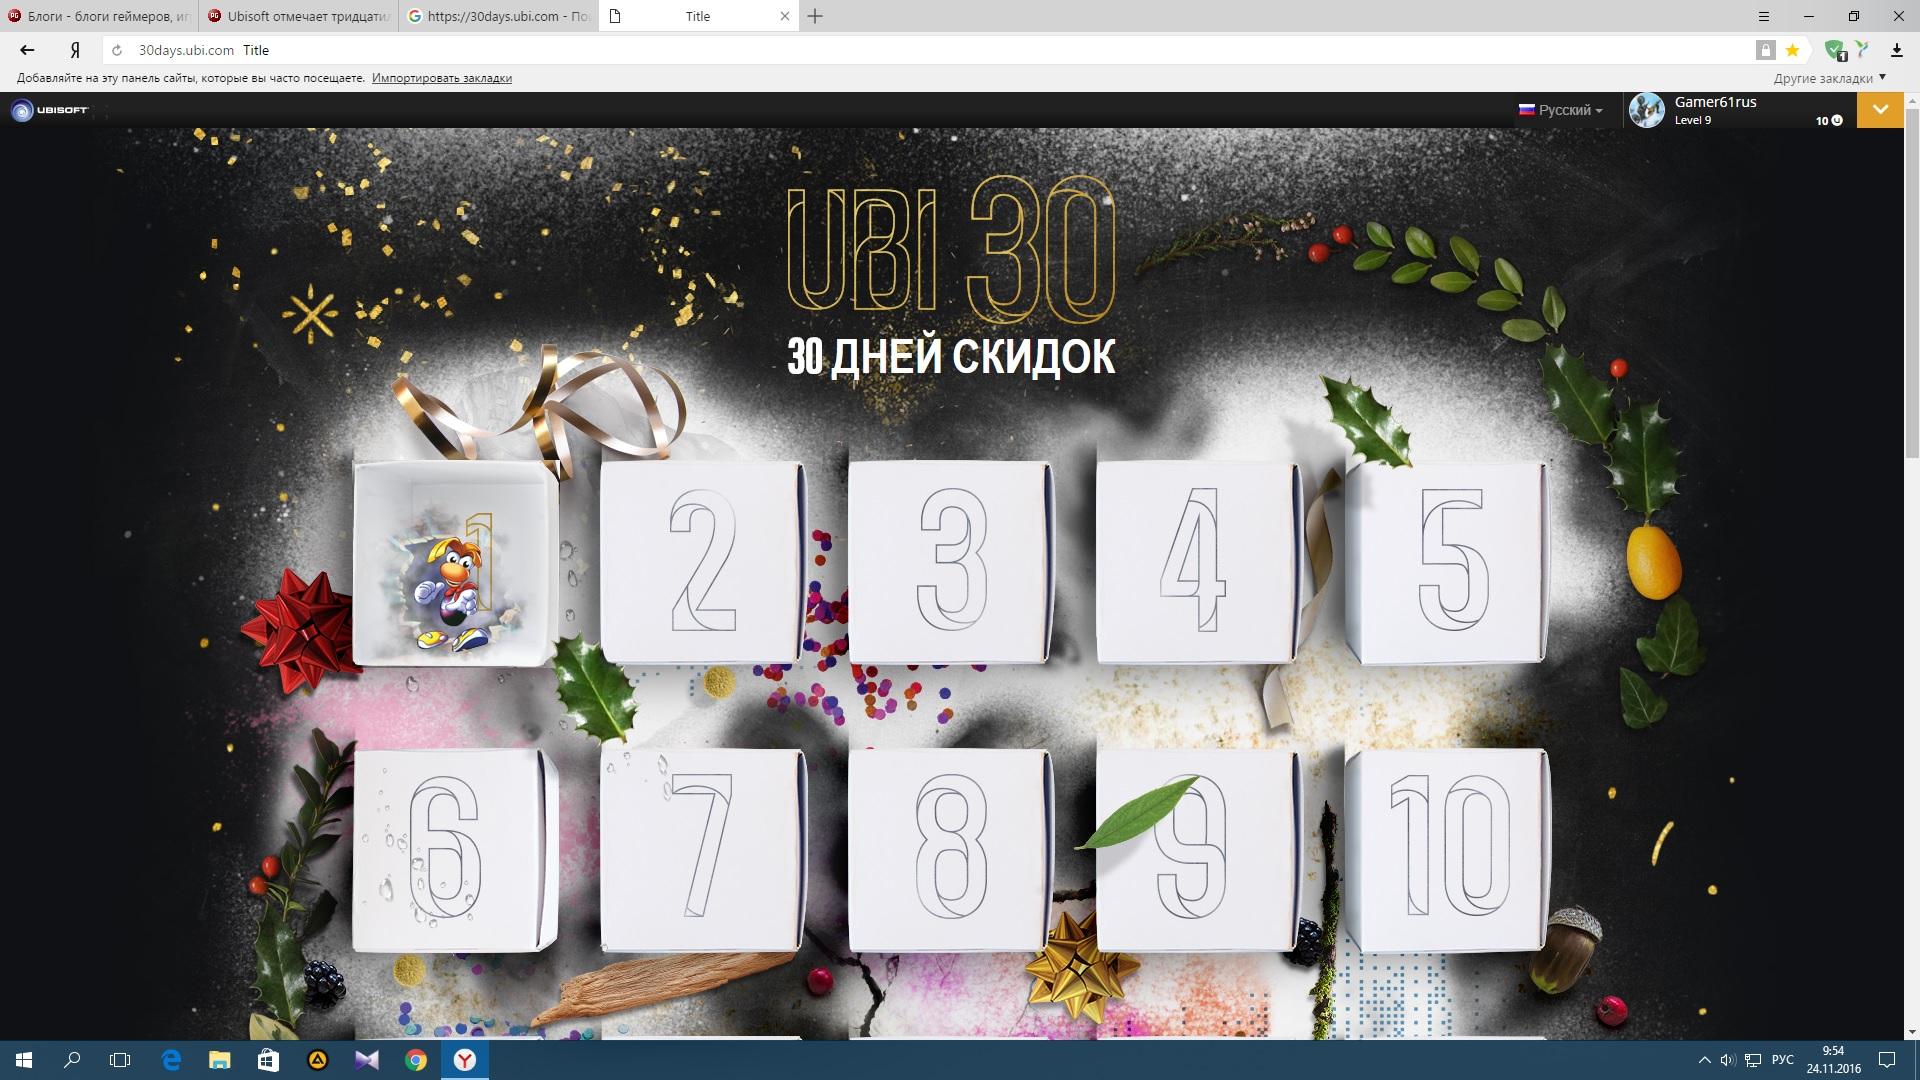 30 дней подарков ubi 24